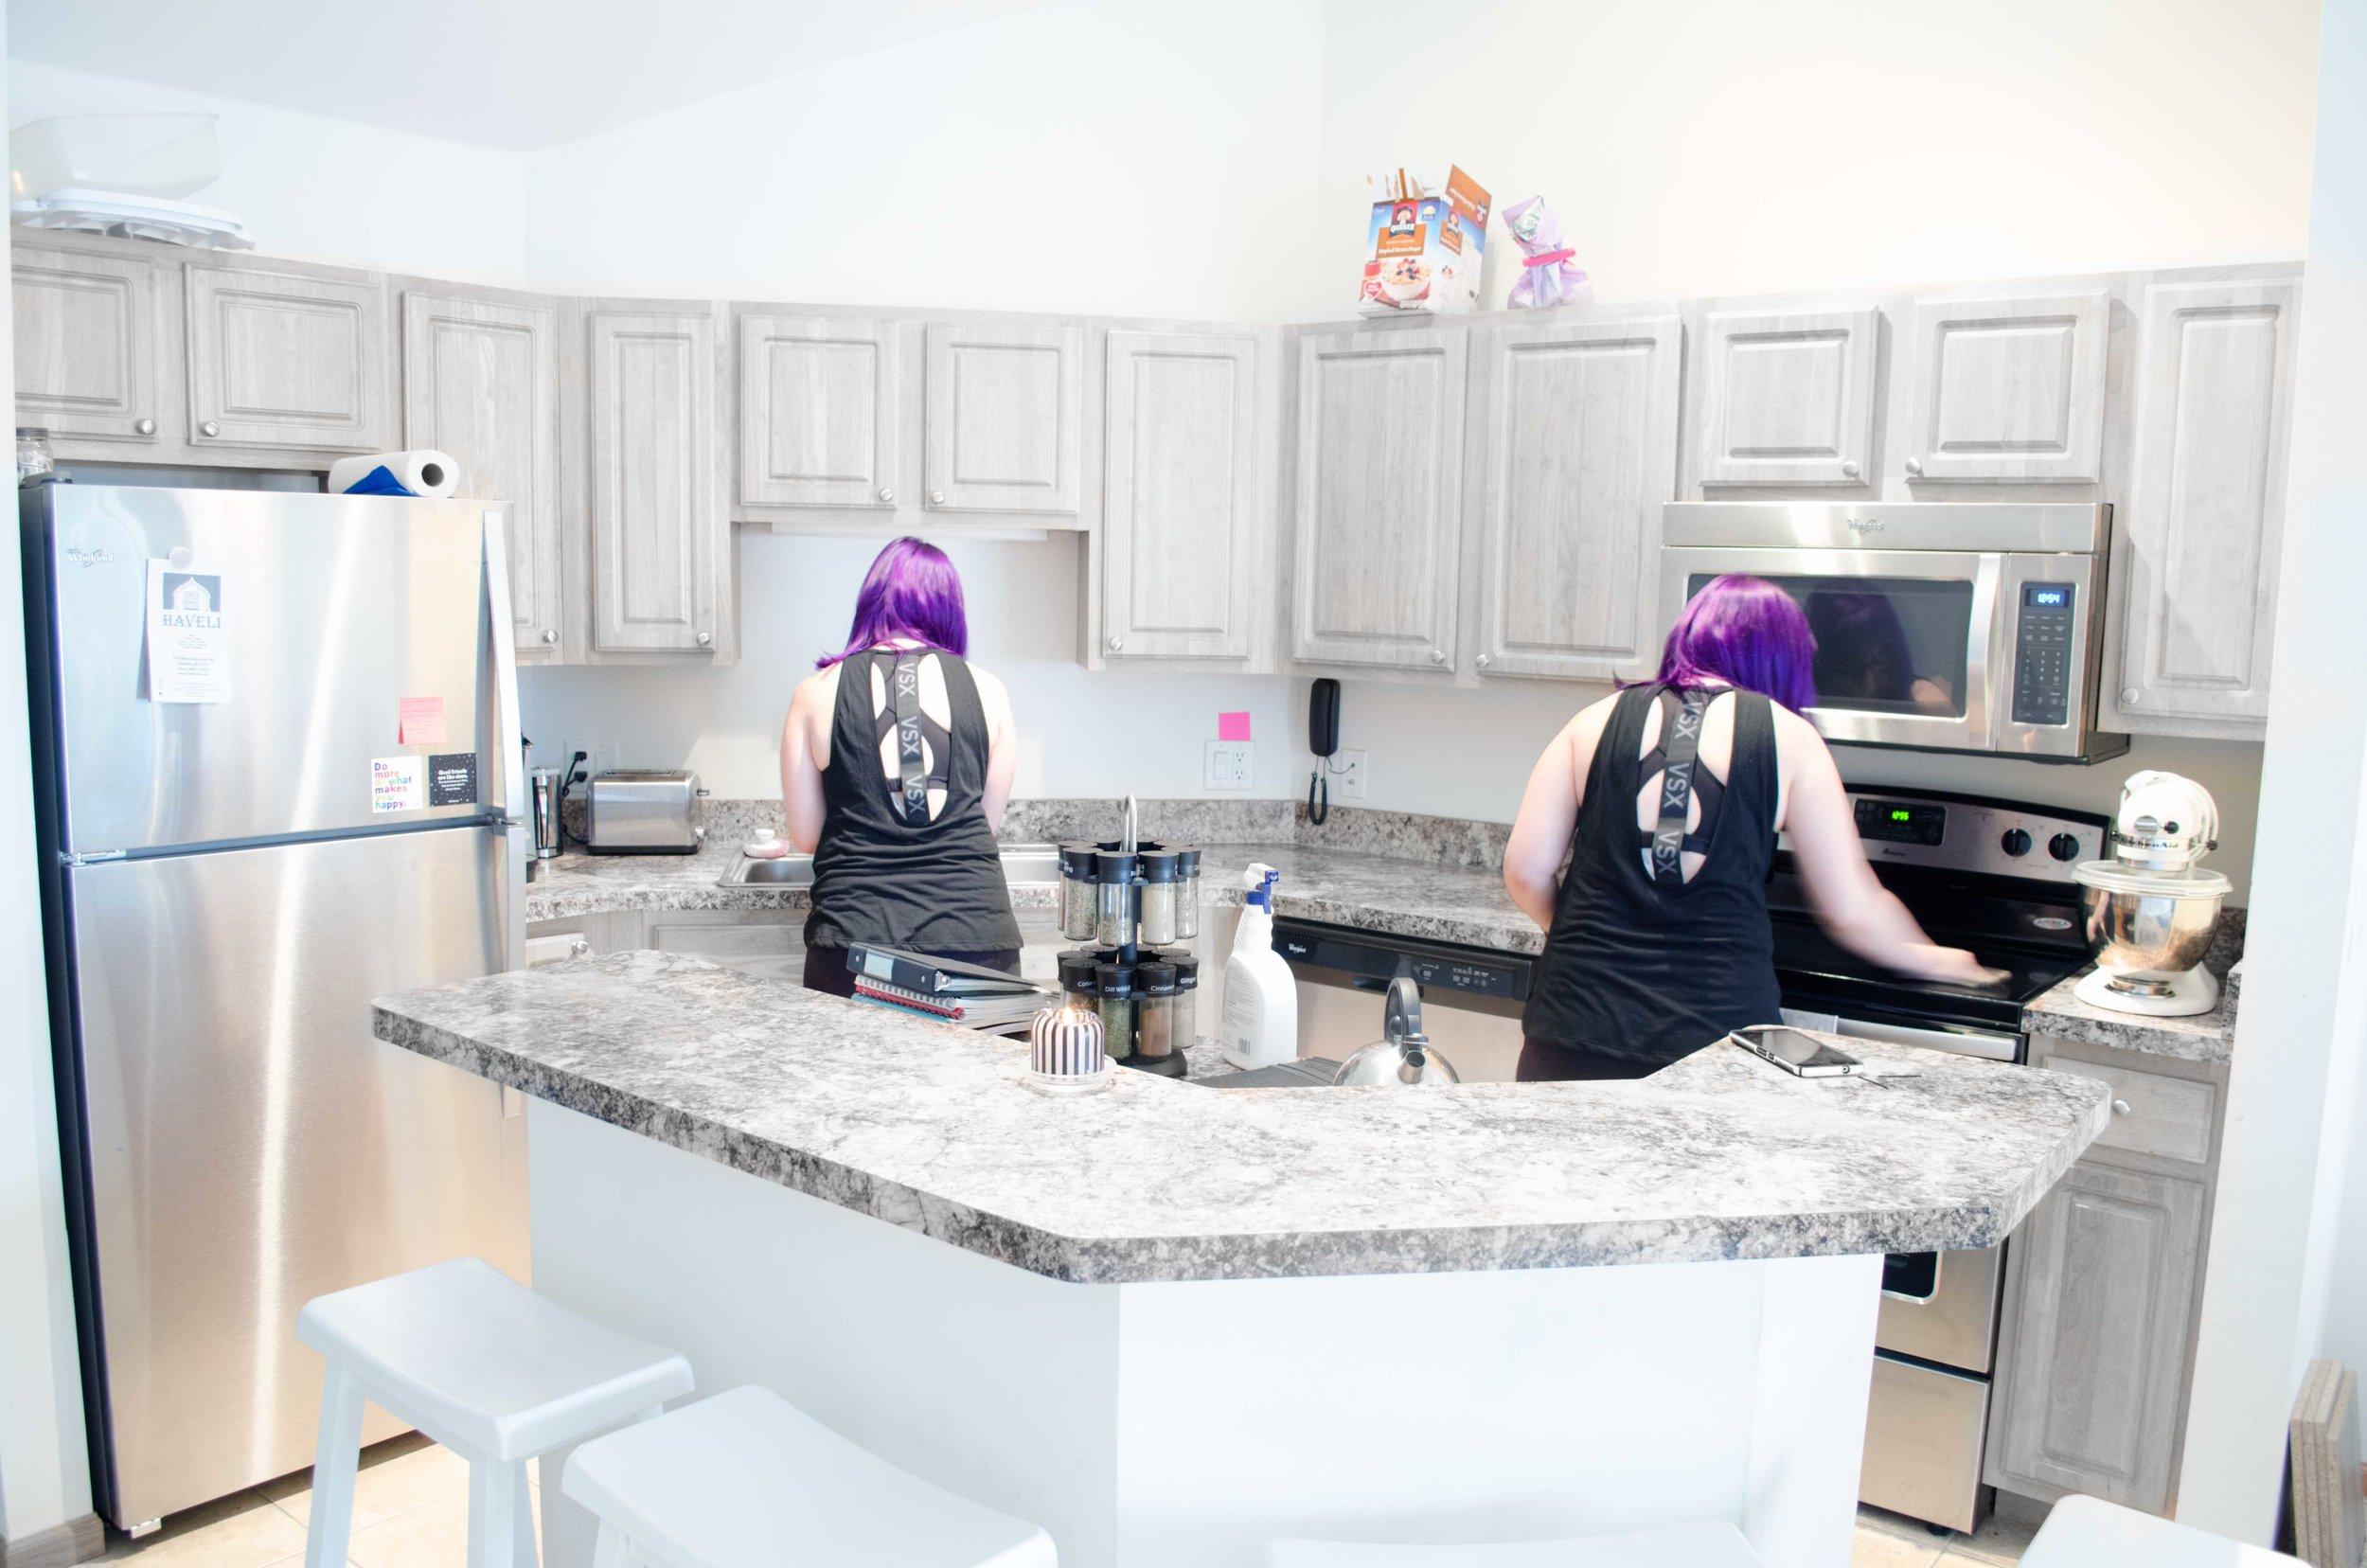 House Tour - My Kitchen